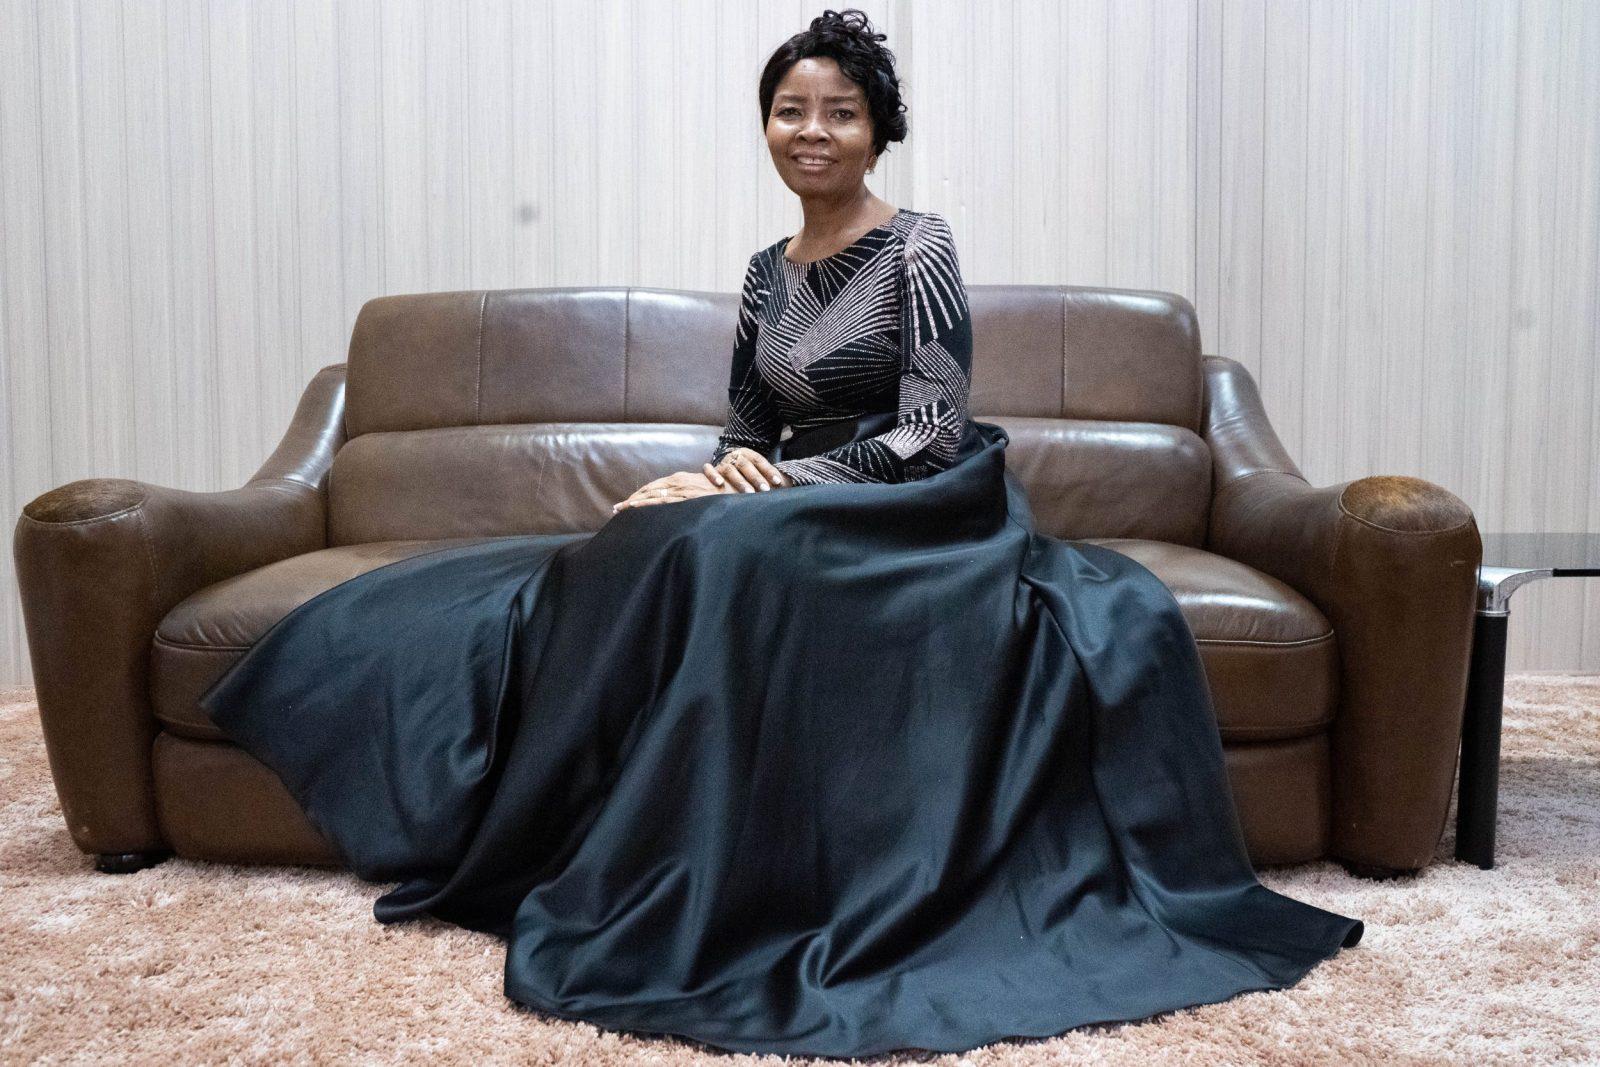 How to avoid Premarital Sex - Faith Oyedepo